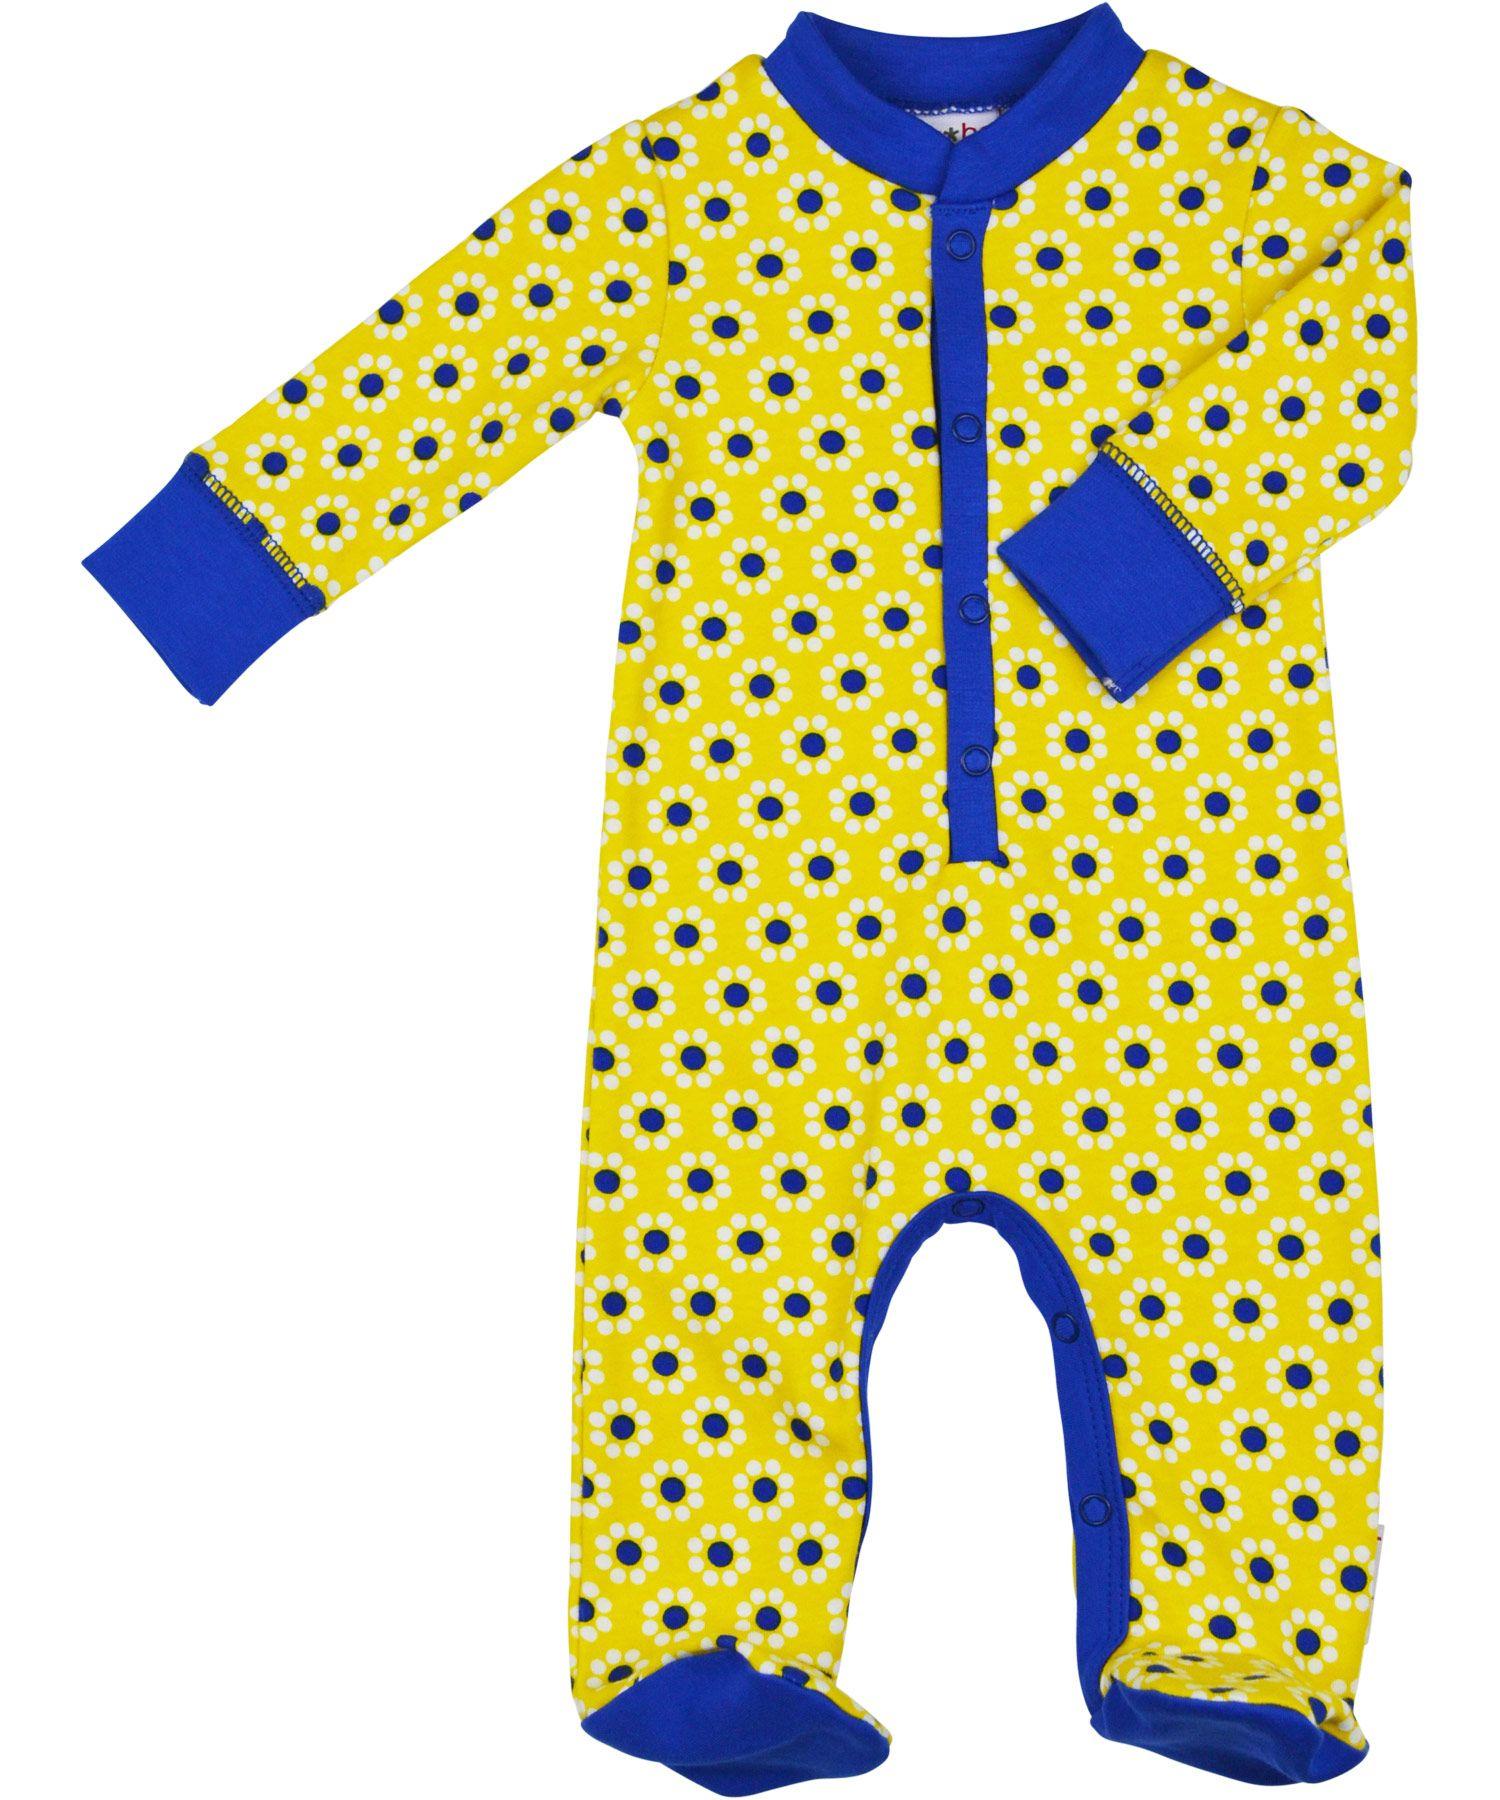 joli pyjama à fleurs par Baba Babywear #emilea